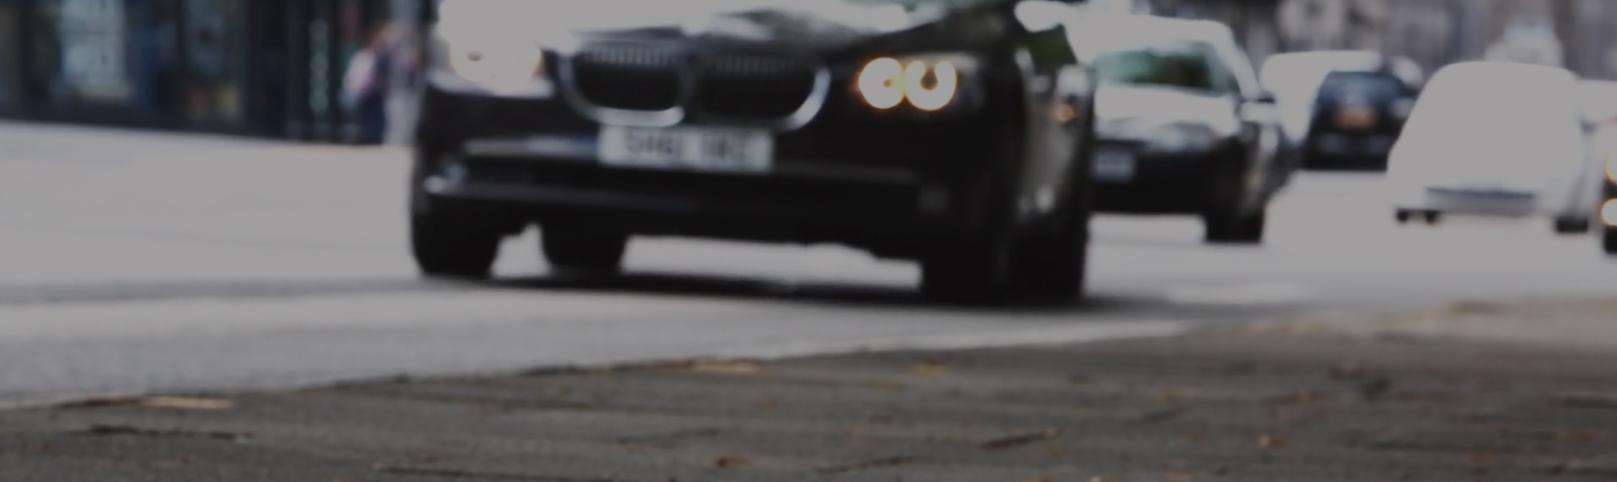 coches circulando en la calle